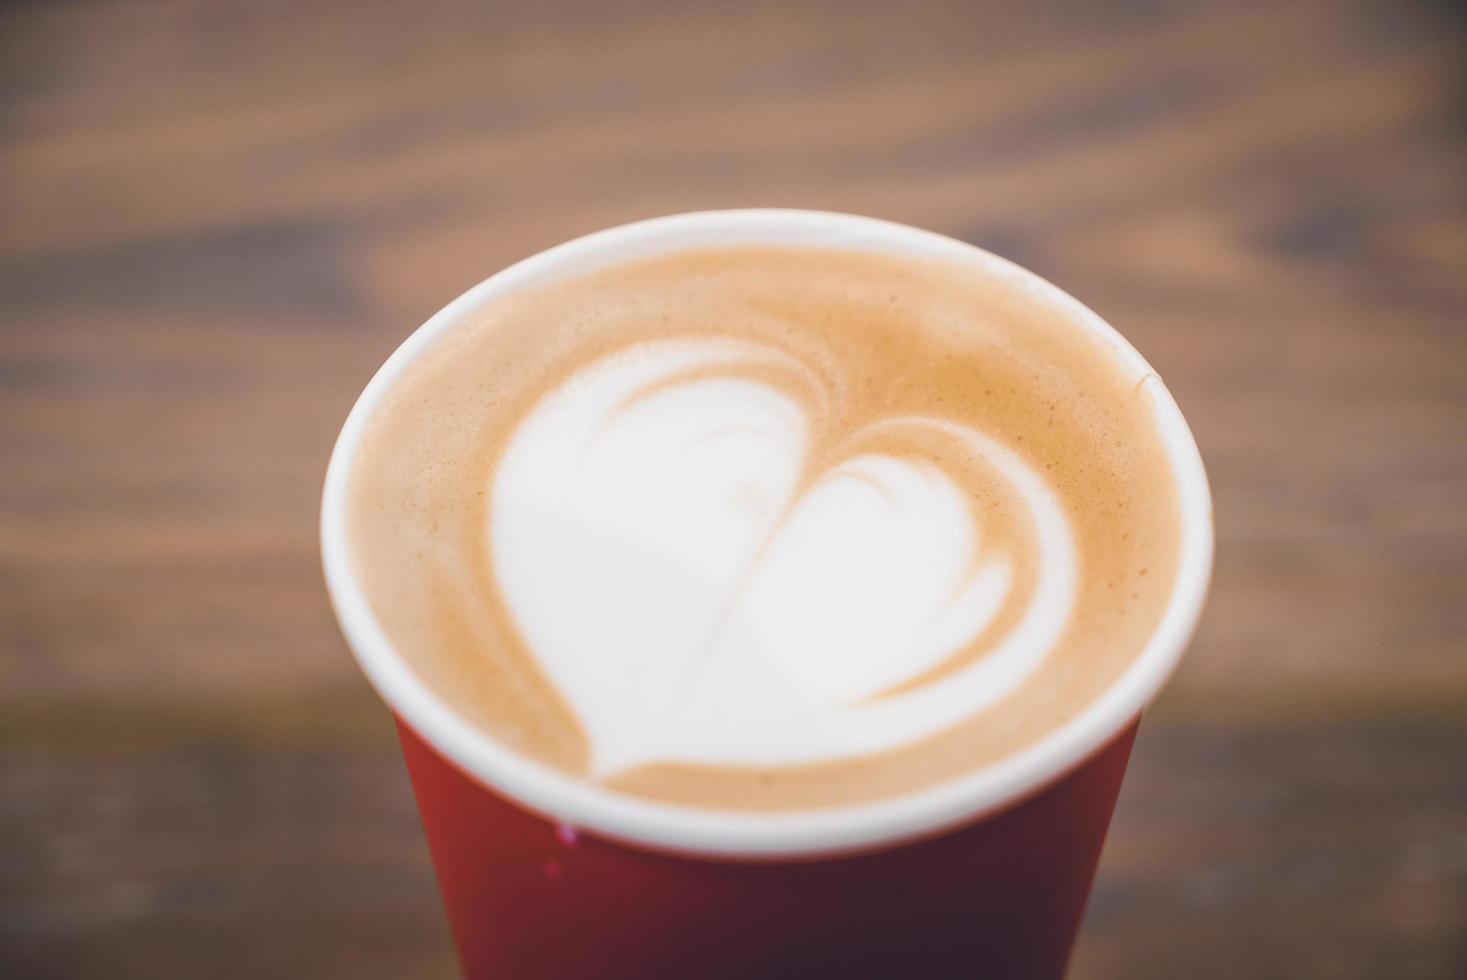 hart latte koffie in rode kop foto